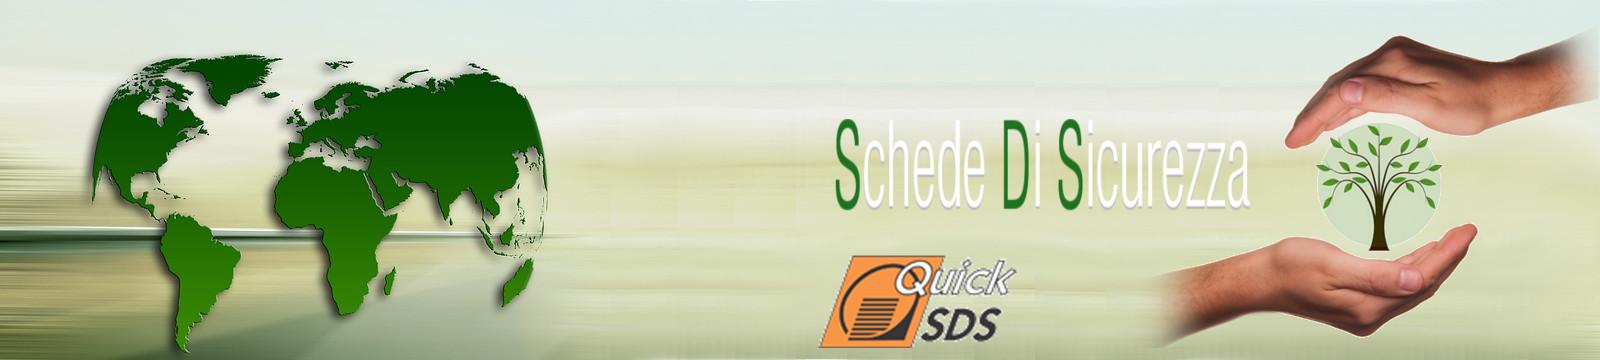 SDS – Consulta il database sempre aggiornato, sulle nostre schede di sicurezza